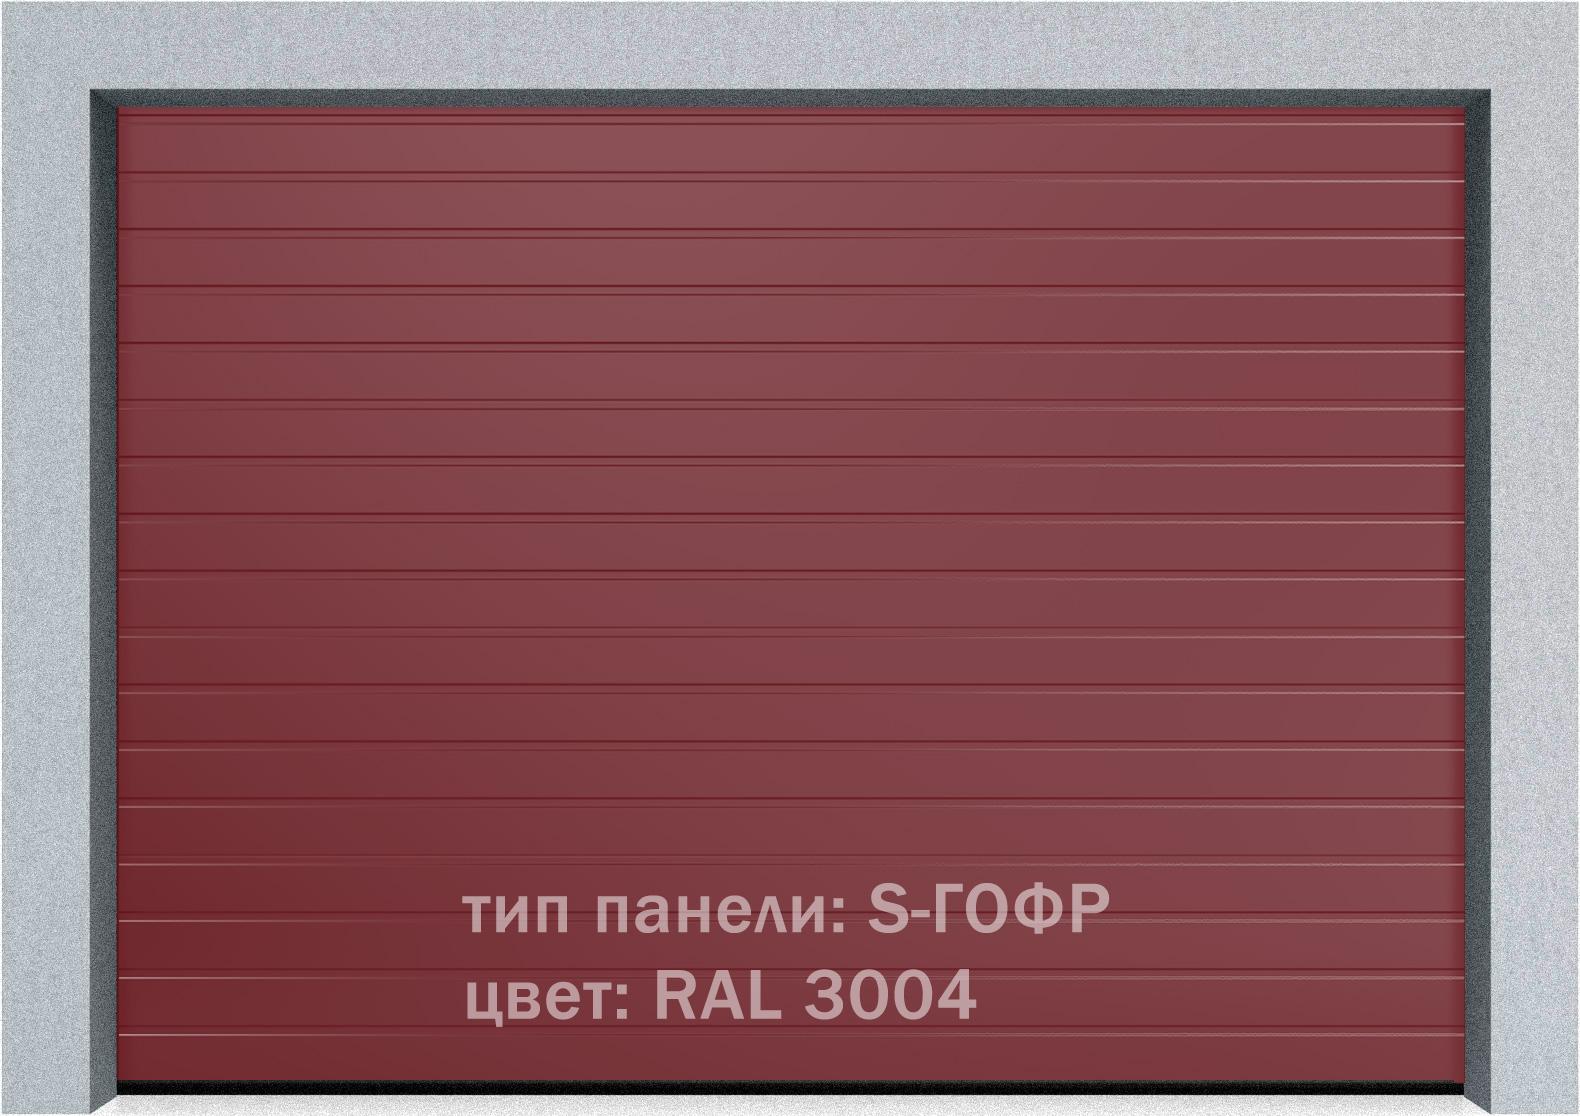 Секционные промышленные ворота Alutech ProTrend 1750х2500 S-гофр, Микроволна стандартные цвета, фото 5